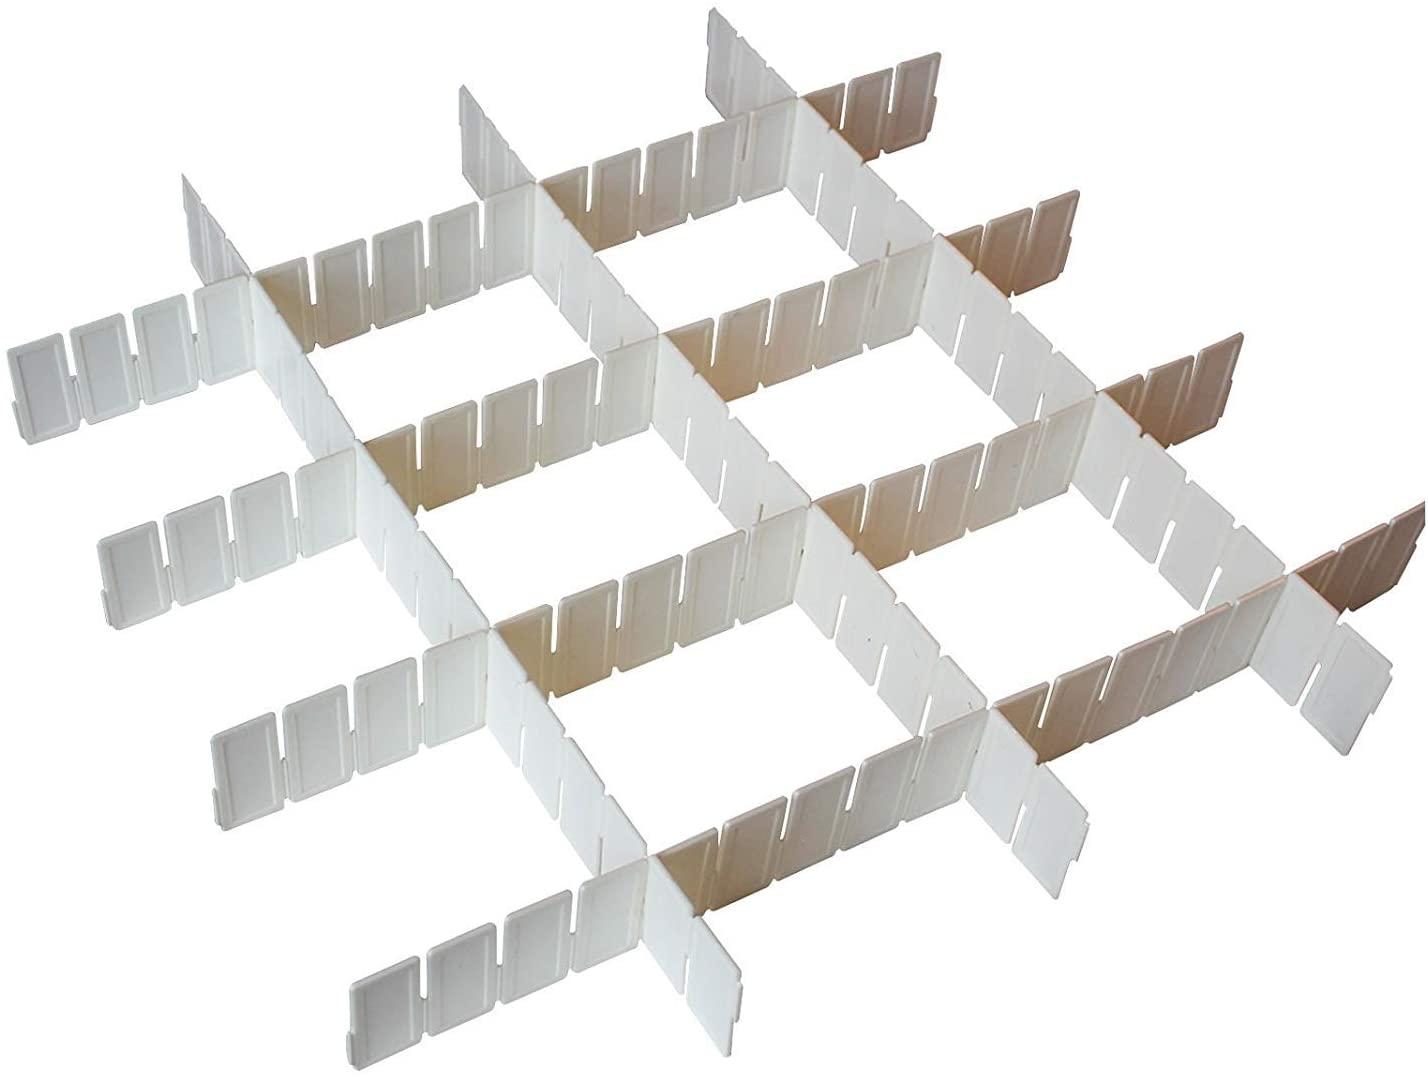 Full Size of Schubladeneinsatz Stecksystem 7 Tlg Weie Verstellbare Schubladenteiler Aufbewahrung Organizer Küche Regal Wohnzimmer Schubladeneinsatz Stecksystem